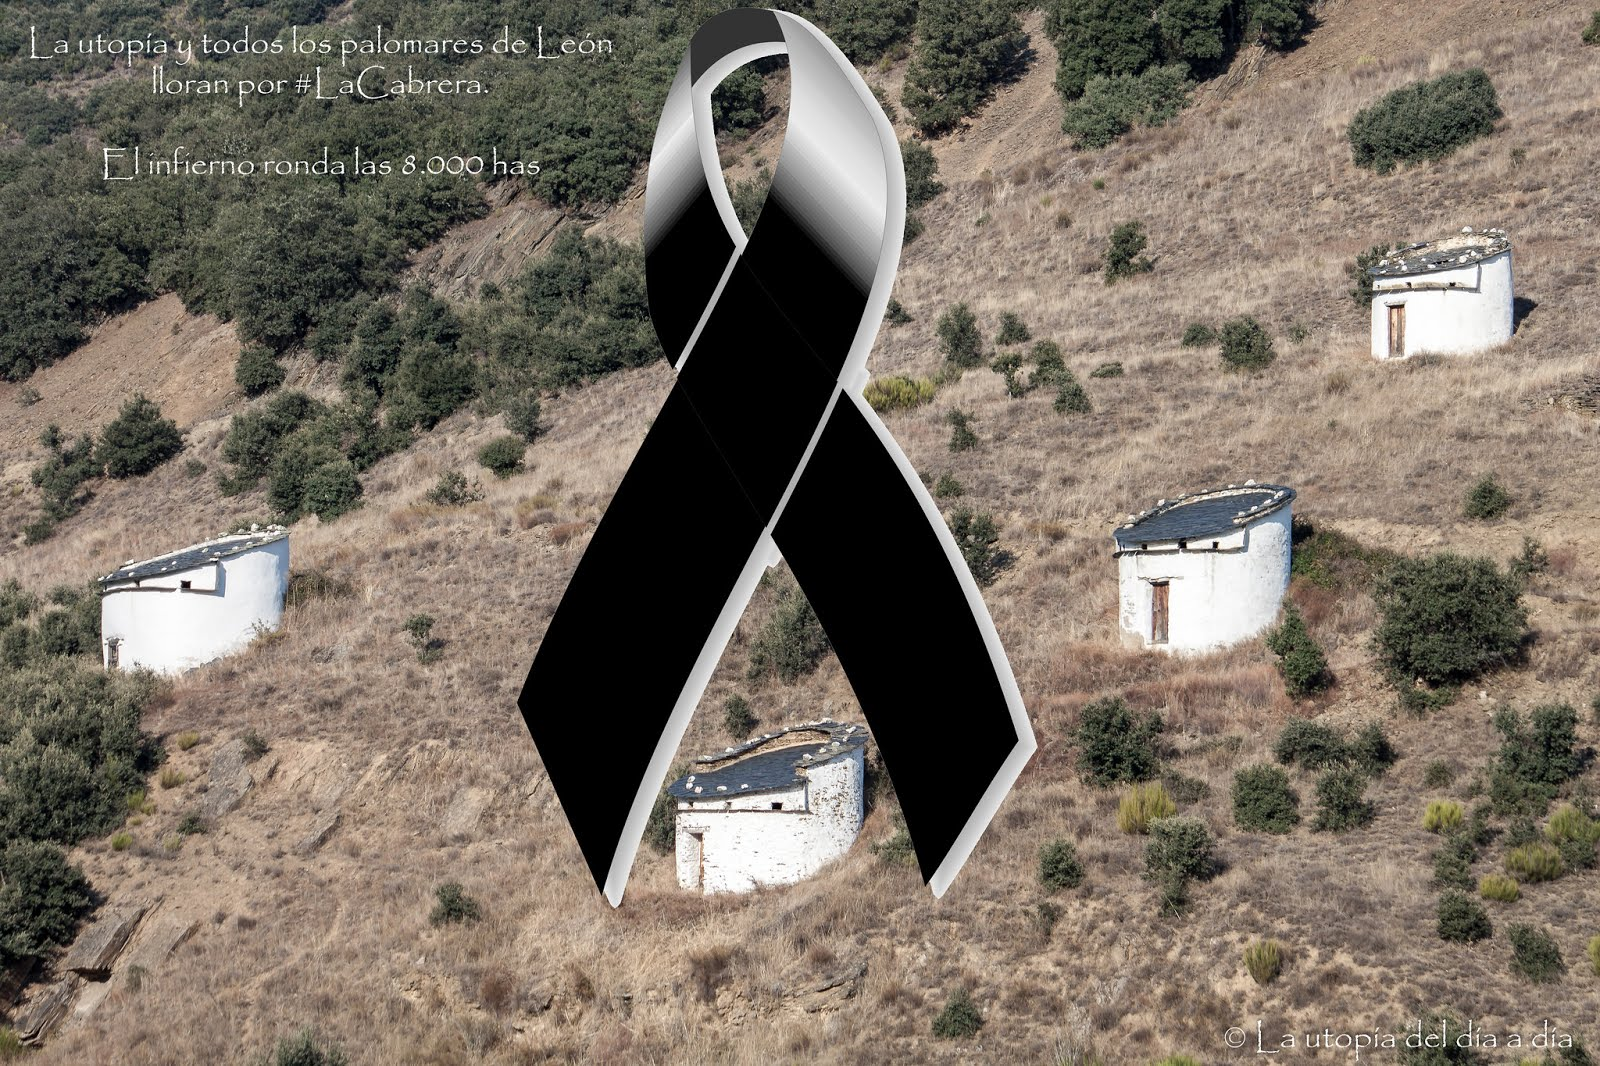 La utopía y todos los palomares de León lloran por #LaCabrera